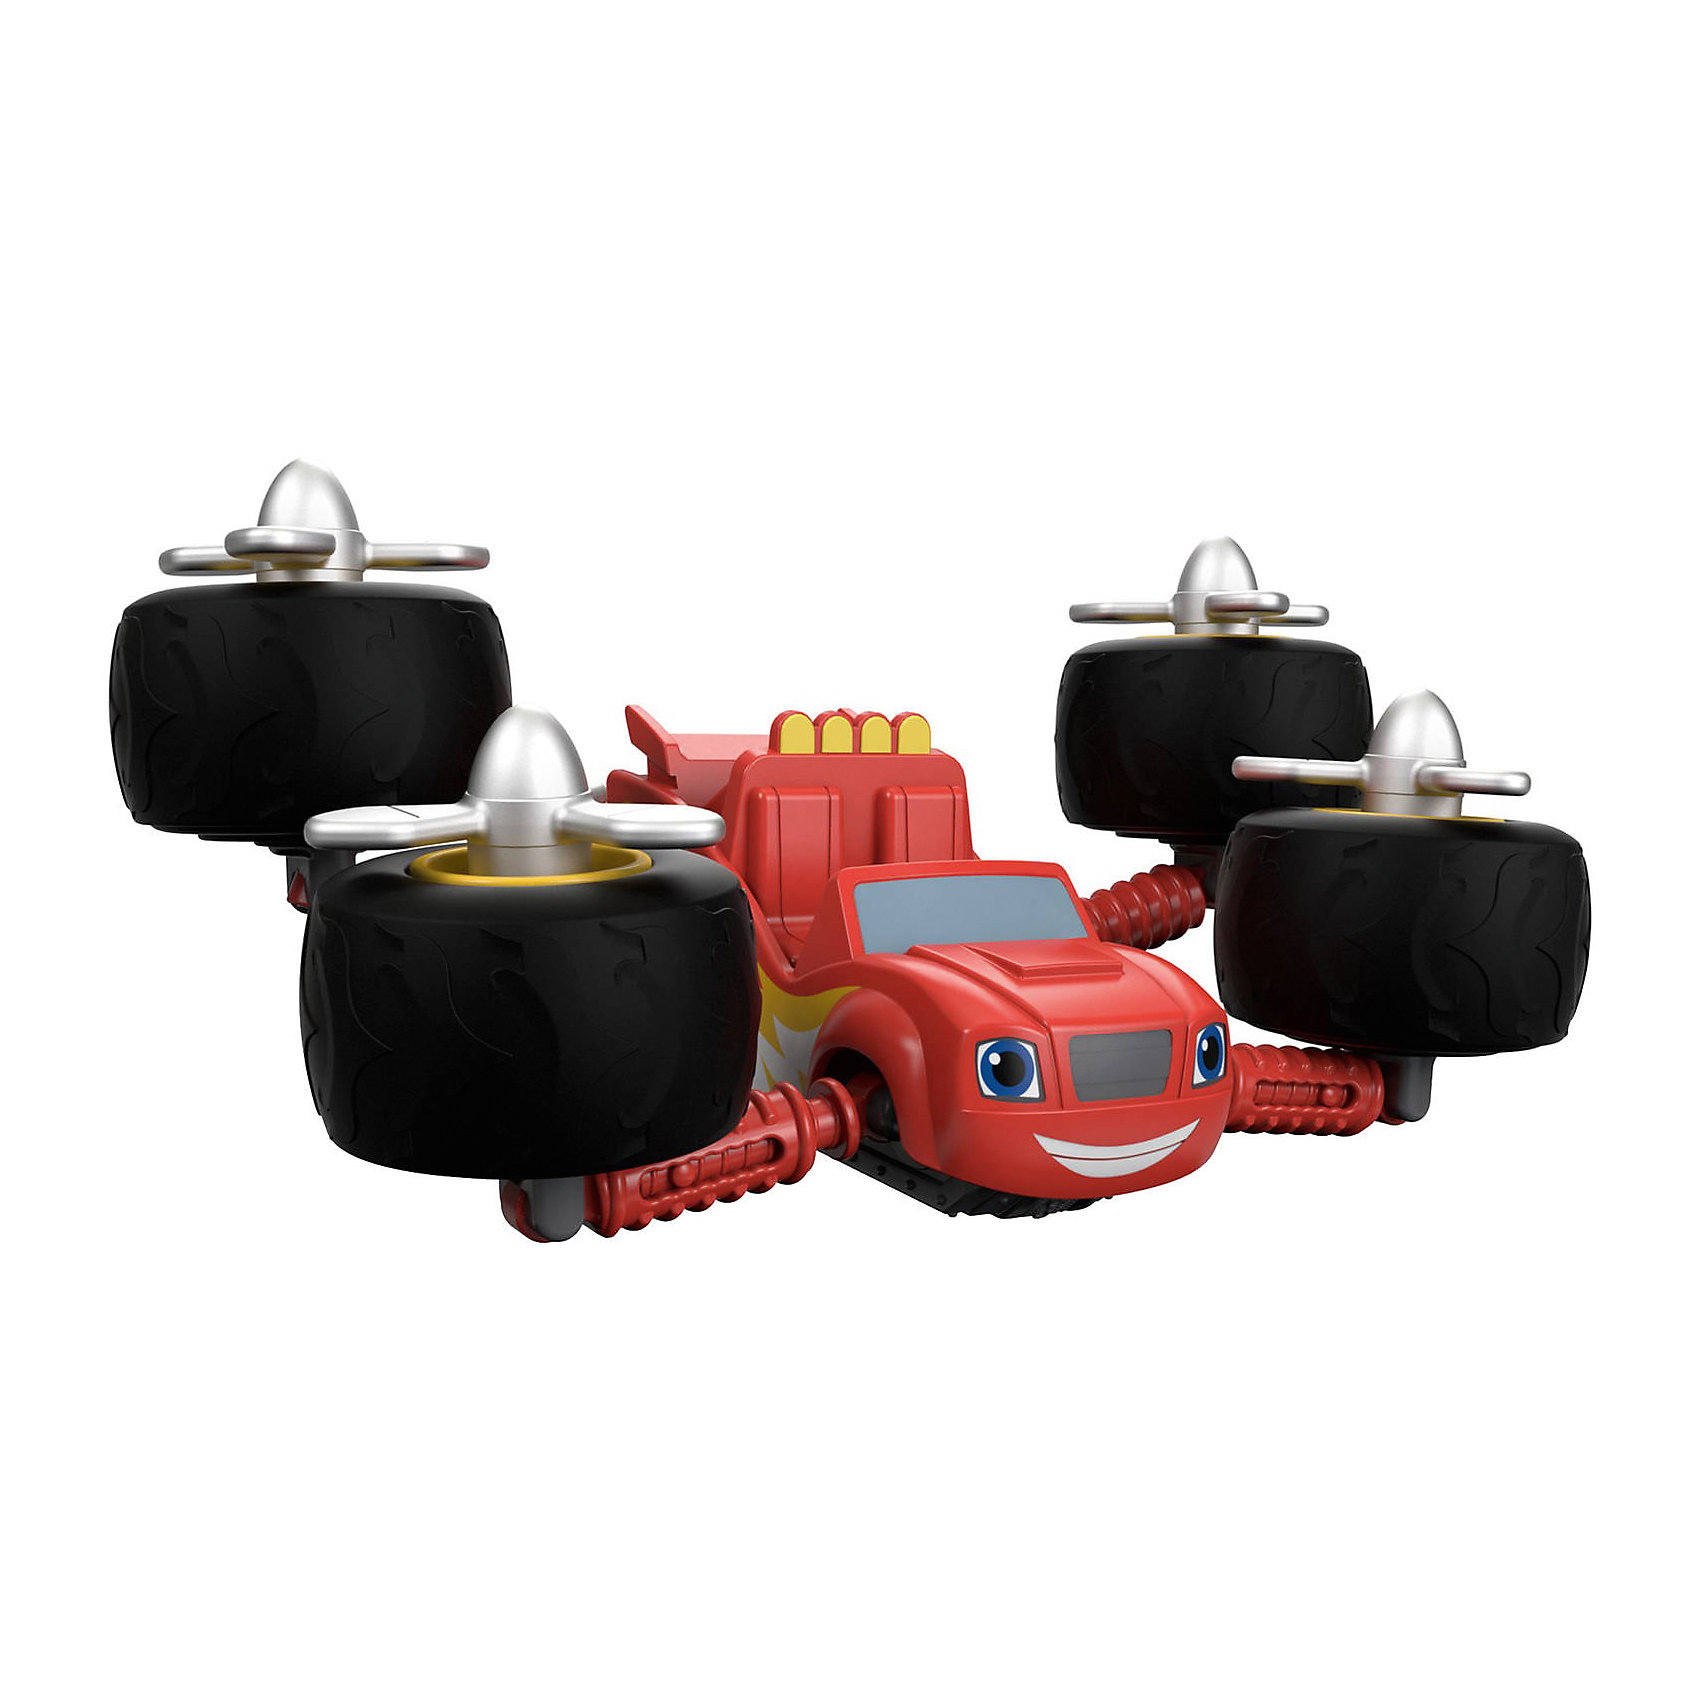 Вспыш трансформер, Fisher Price, Вспыш и чудо-машинкиМашинки<br>Характеристики товара:<br><br>• возраст: от 3 лет;<br>• материал: пластик;<br>• в комплекте: машинка, 4 винта, крыло, аксессуары;<br>• размер машинки: 11 см;<br>• размер упаковки: 35,6х22,9х13,5 см;<br>• вес упаковки: 800 гр.;<br>• страна производитель: Китай.<br><br>Игровой набор «Вспыш-трансформер» Fisher Price создана по мотивам известного детского мультфильма «Вспыш и чудо машинки». Главный персонаж машинка Вспыш участвует в захватывающих гонках.<br><br>При помощи аксессуаров Вспыш способен трансформироваться в 5 разных вариантов летательных средств, каждое из которых оборудовано крыльями и винтами. <br><br>Игровой набор «Вспыш-трансформер» Fisher Price можно приобрести в нашем интернет-магазине.<br><br>Ширина мм: 355<br>Глубина мм: 135<br>Высота мм: 230<br>Вес г: 640<br>Возраст от месяцев: 36<br>Возраст до месяцев: 2147483647<br>Пол: Мужской<br>Возраст: Детский<br>SKU: 5378260